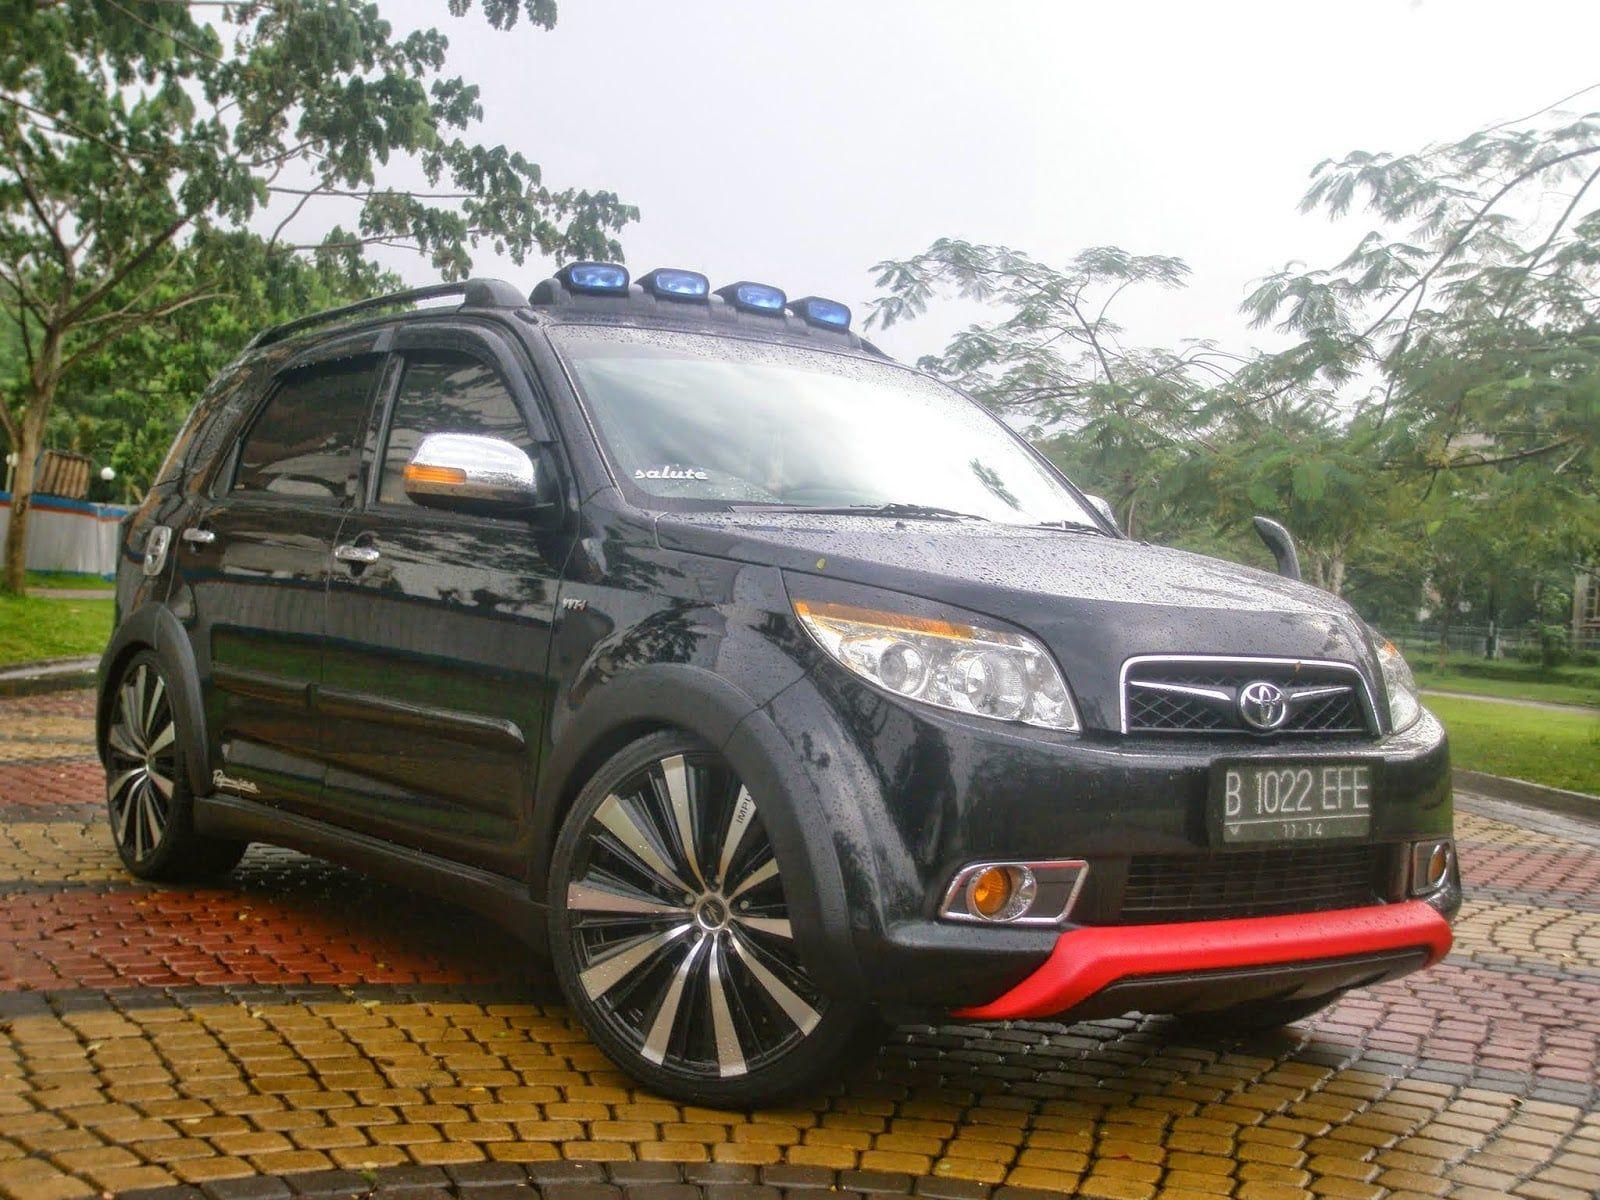 Modifikasi Mobil Rush Bekas Modifikasi Mobil Mobil Bekas Mobil